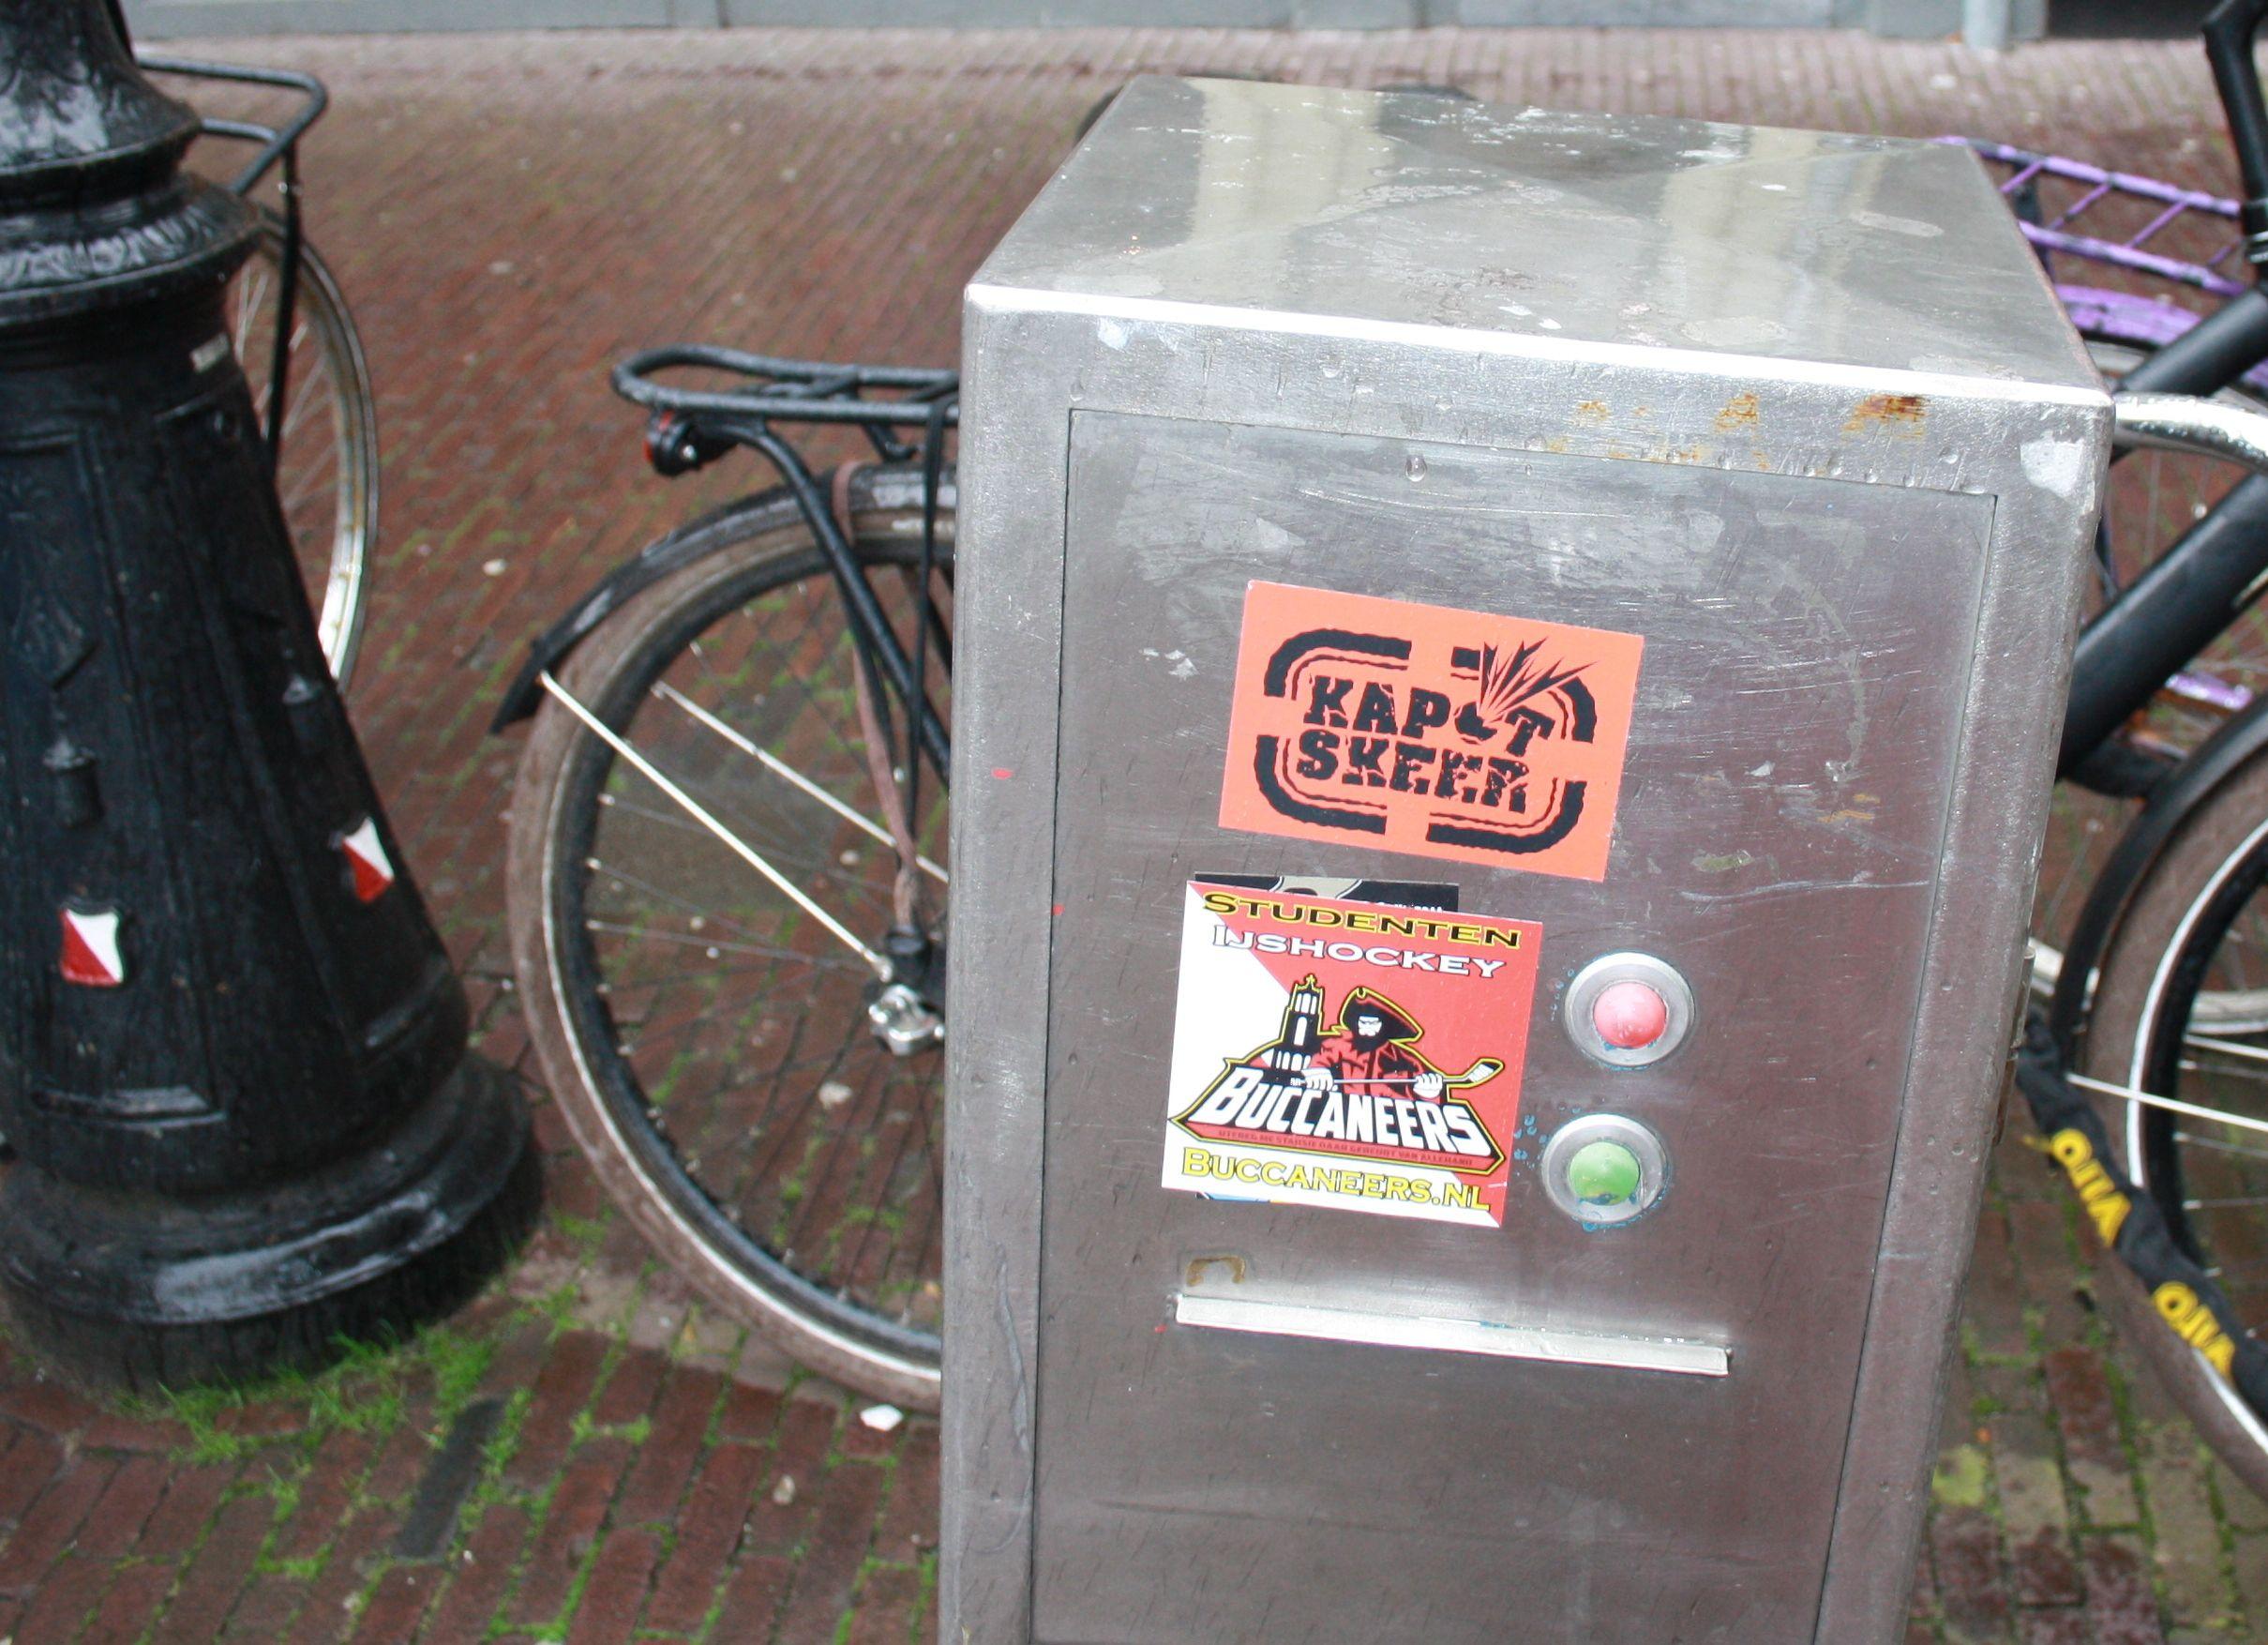 Het plakken van stickers over waar het maar kan is een goedkope maar effectieve manier van reclame maken. Mensen zullen de stickers zien en denken 'wat doet een sticker hier?'.